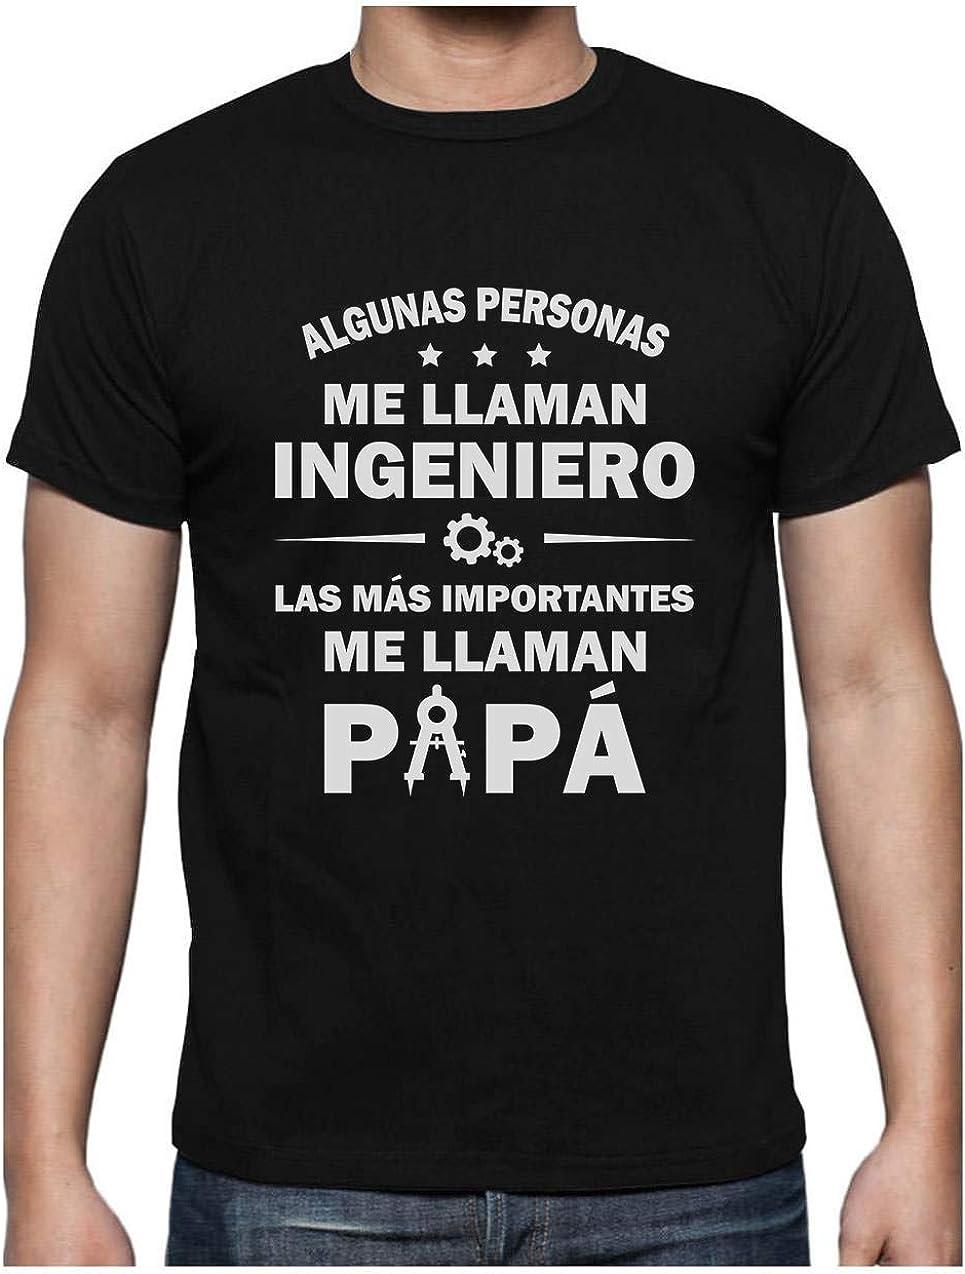 Camiseta para Hombre - Regalos para Ingenieros, Regalos para Hombre, Regalos para Padres. Camisetas Hombre Originales Divertidas - Algunos me Llaman Ingeniero los Más Importantes Papá -